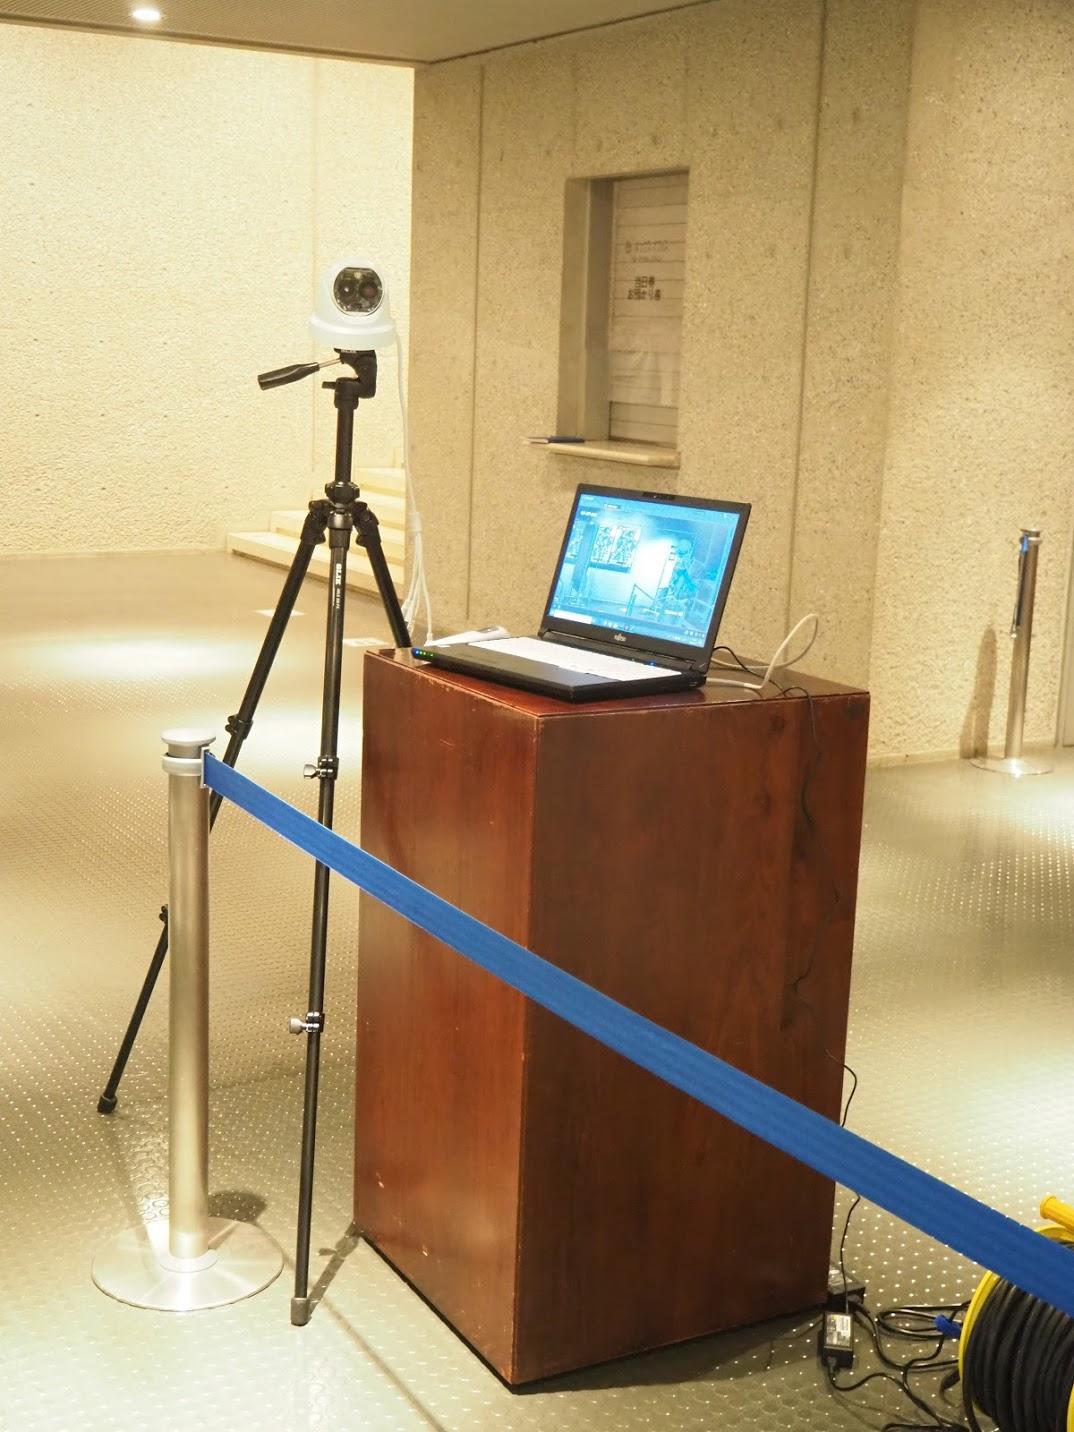 新国立劇場様、サーマルカメラで来場者の検温効率化